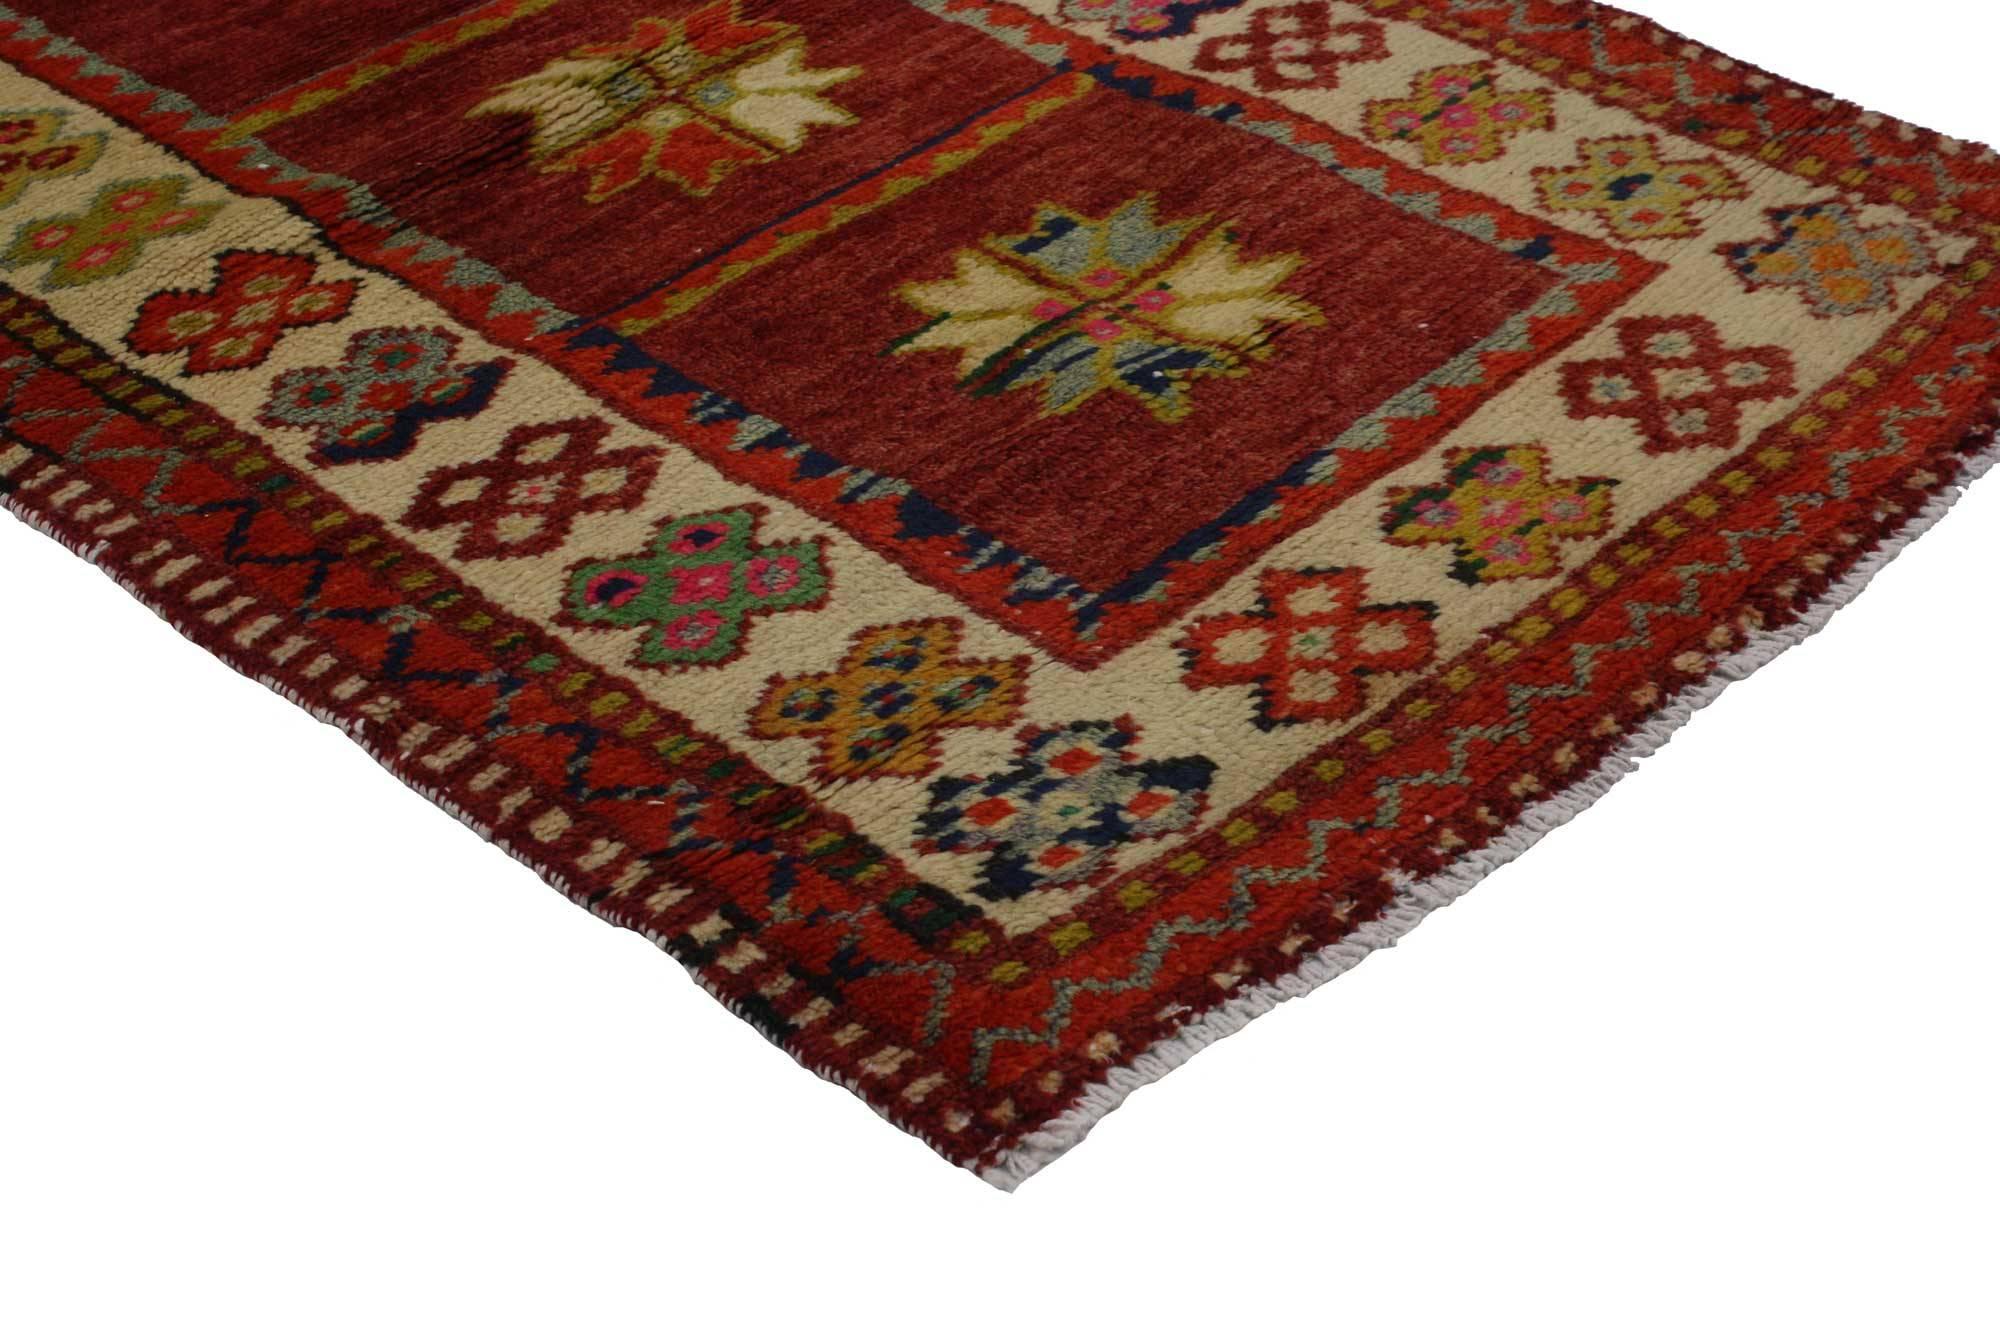 Vintage Türkischer Oushak Teppich, Bunter Teppich Für Küche, Bad, Foyer  Oder Eingangsbereich 3